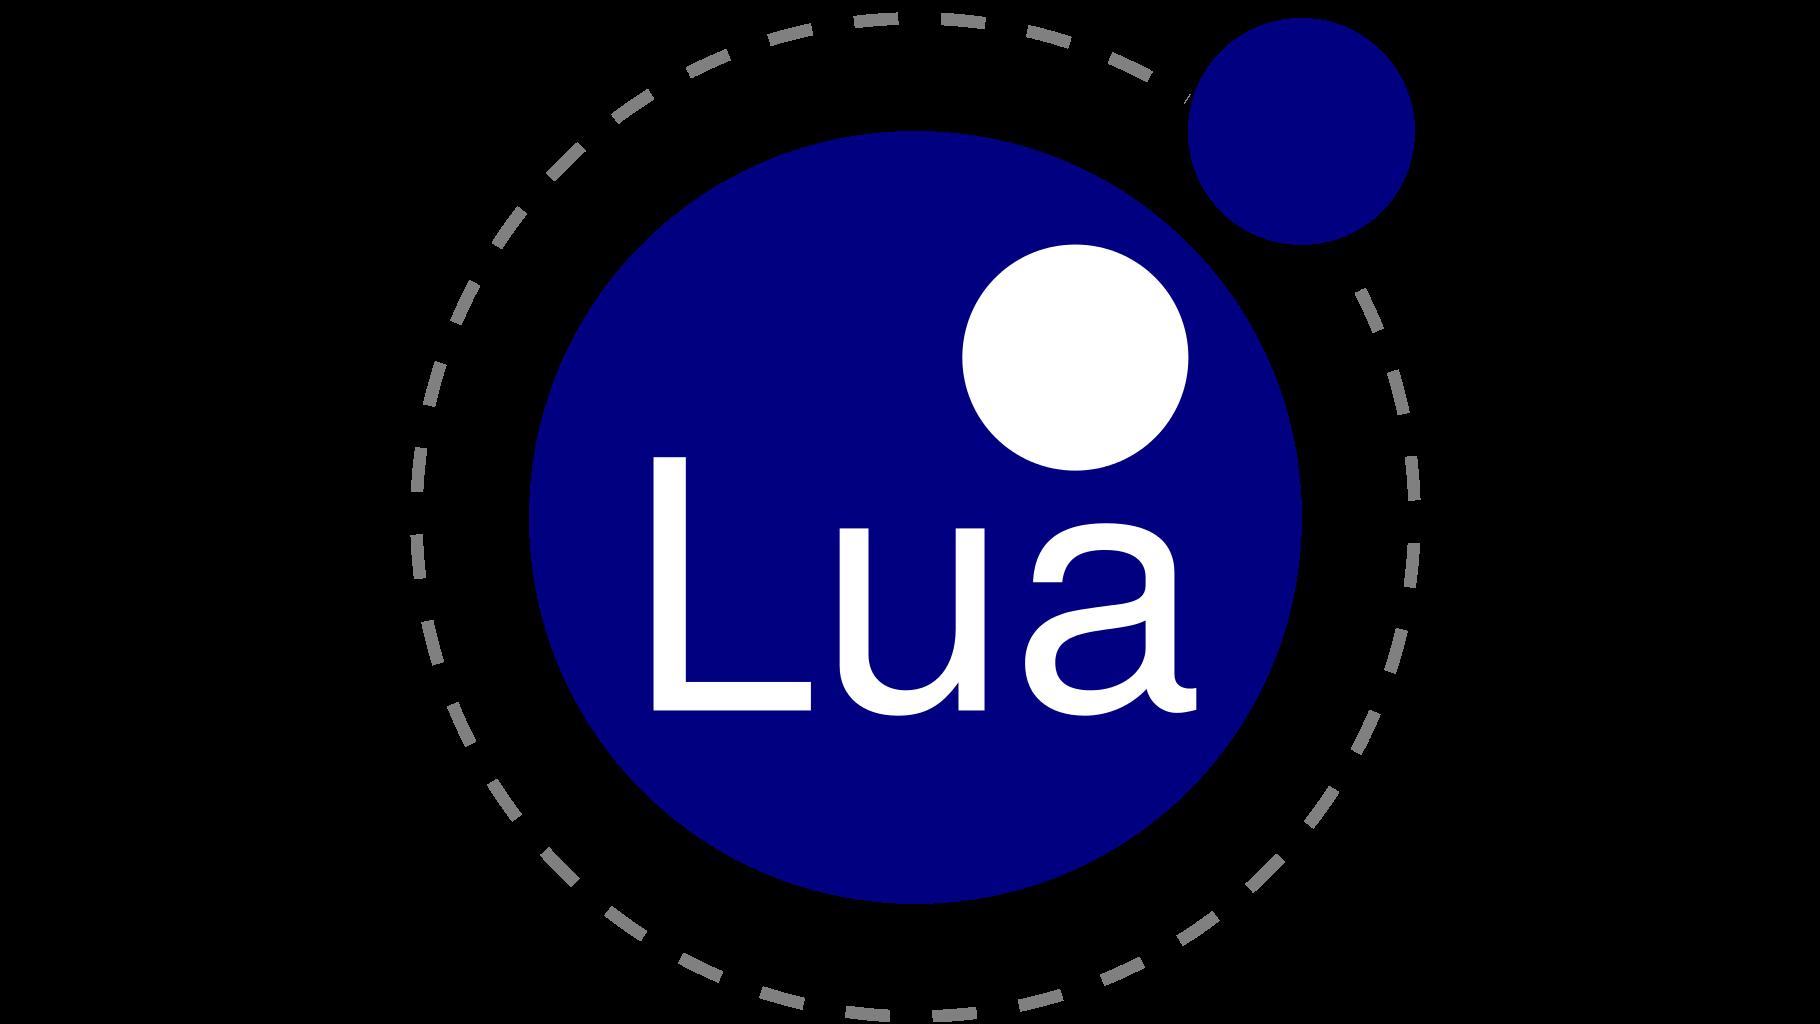 在Windows下编译安装lua5.3